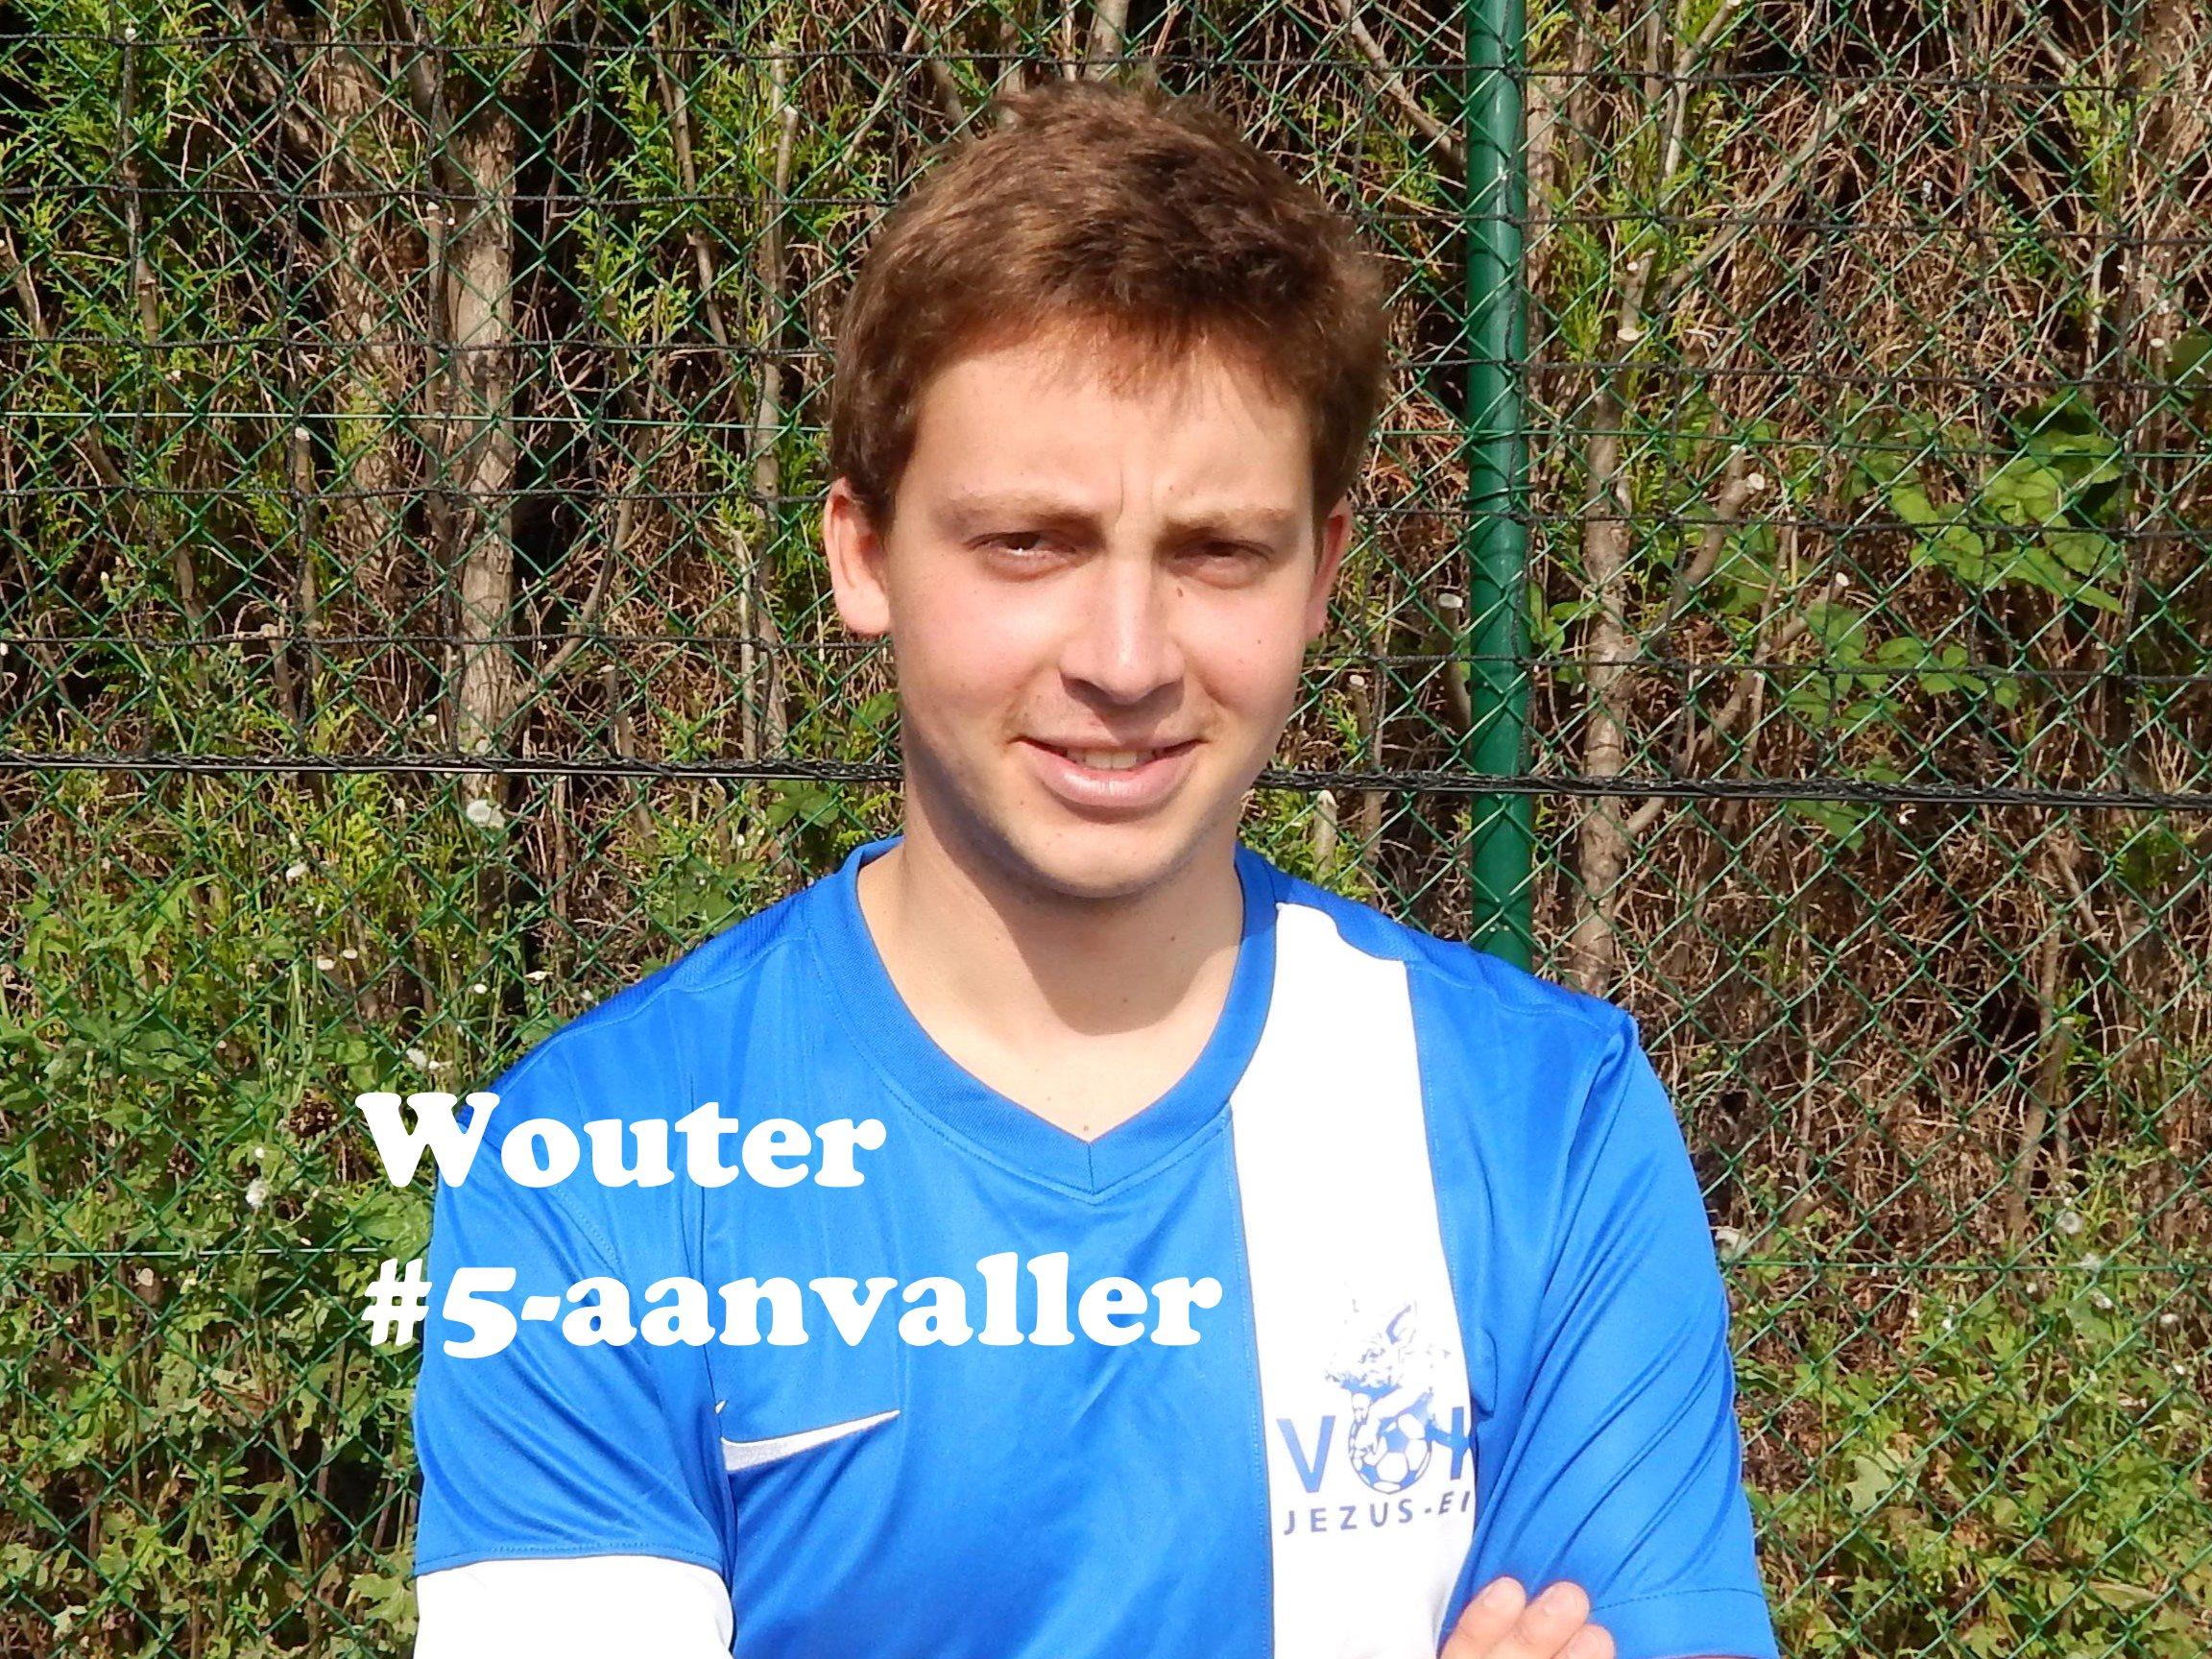 Wouter - Aanvaller - 5